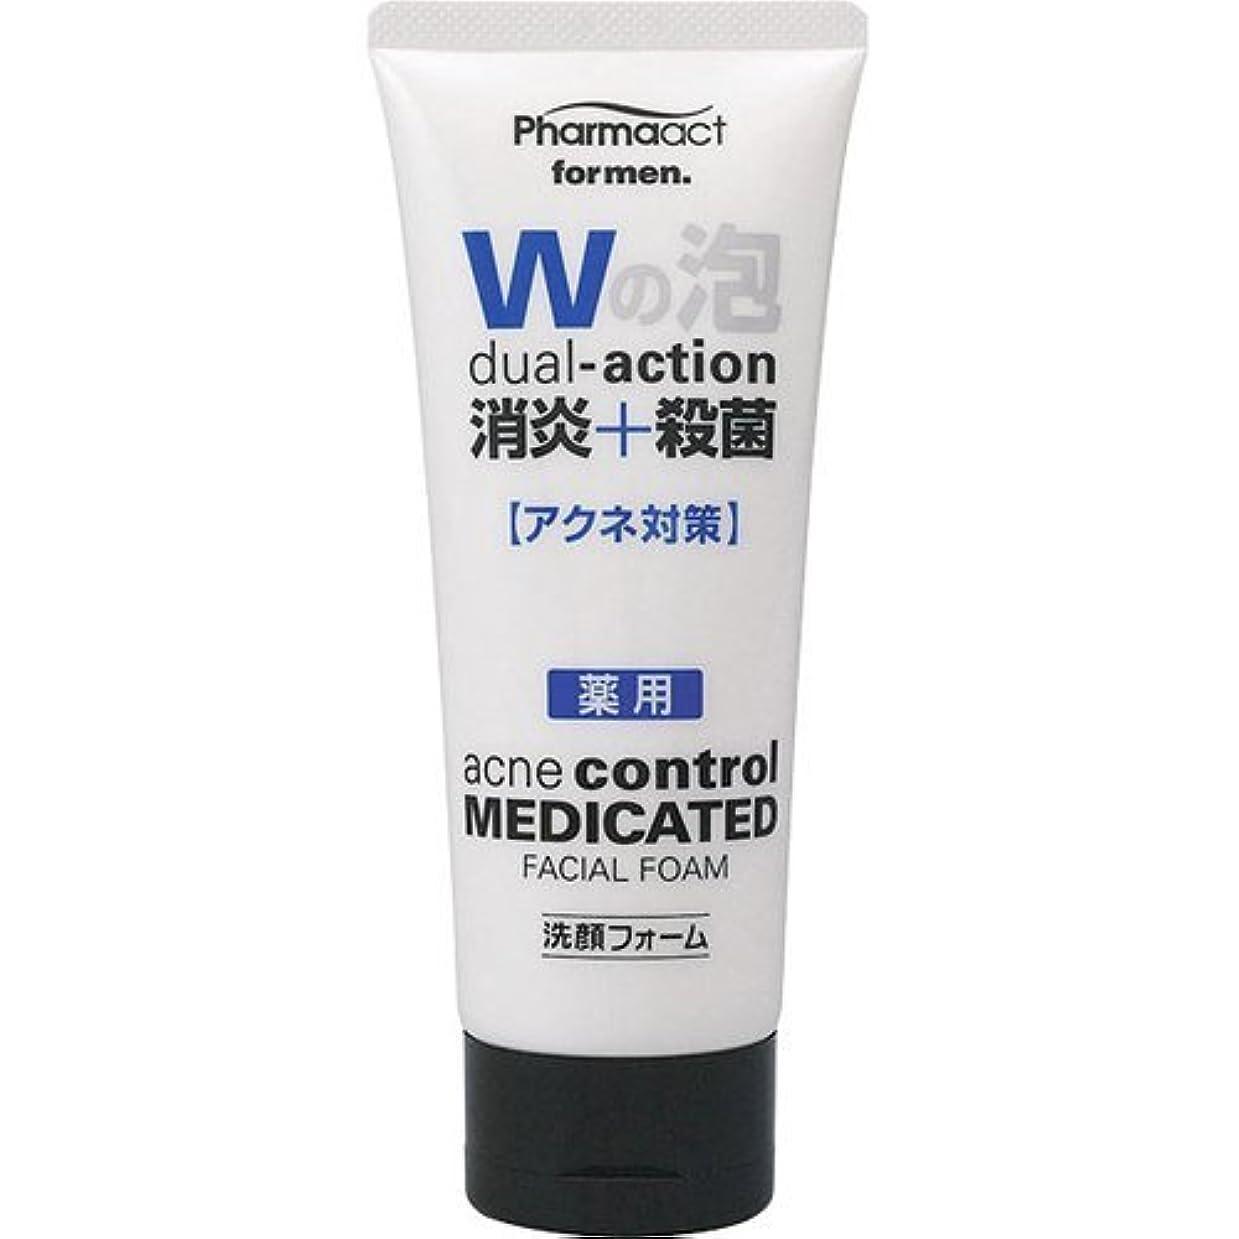 ファーマアクト メンズ消炎+殺菌 薬用洗顔フォーム 130g